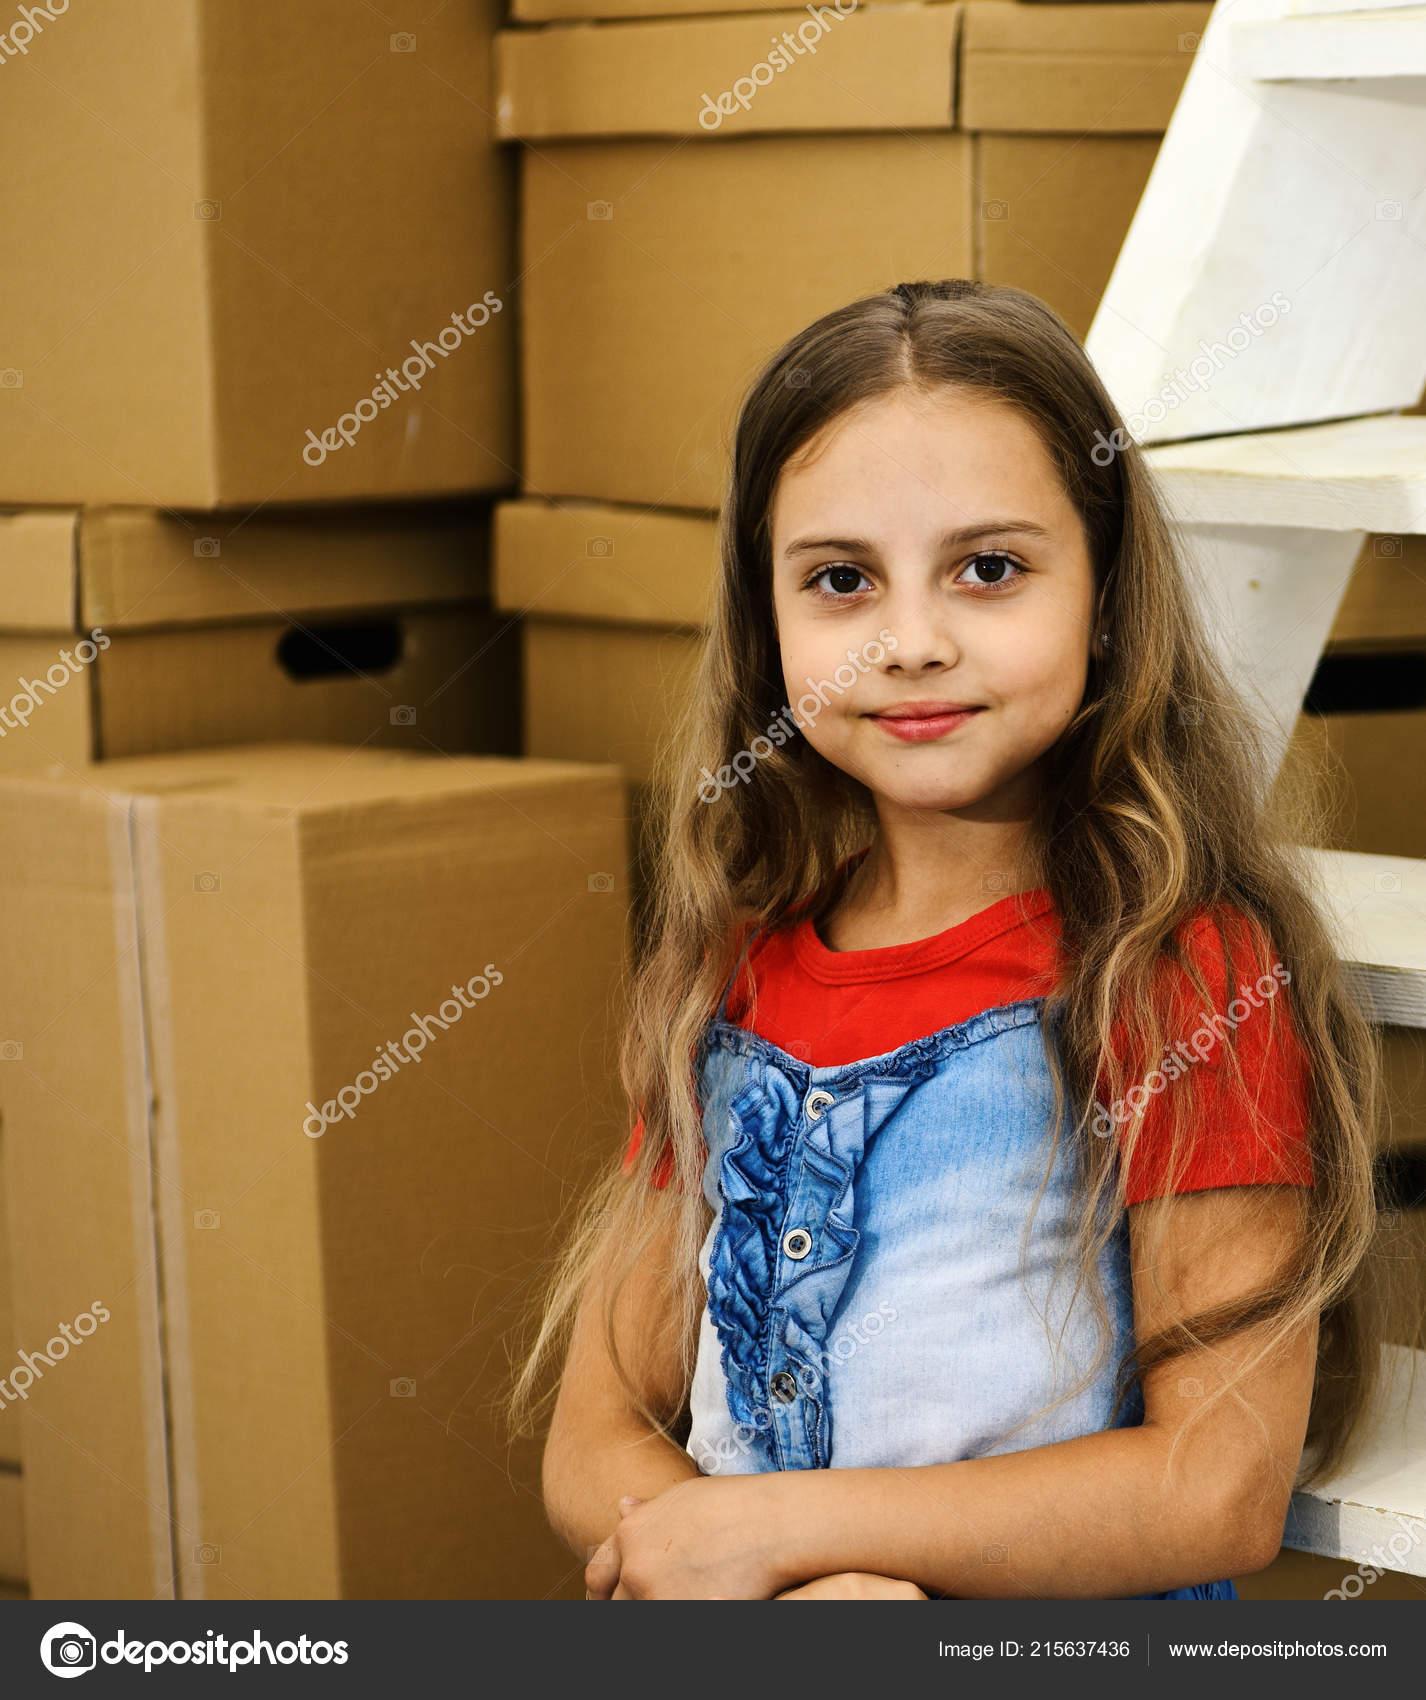 9e2e29fa663 Κορίτσι με δίκαιη κυματιστά μαλλιά σε δωμάτιο ή αποθήκη φόντο. Παιδί  στέκεται από σωρό κουτιά από χαρτόνι και λευκή σκάλα. Μαθήτρια με  χαμογελαστό πρόσωπο ...